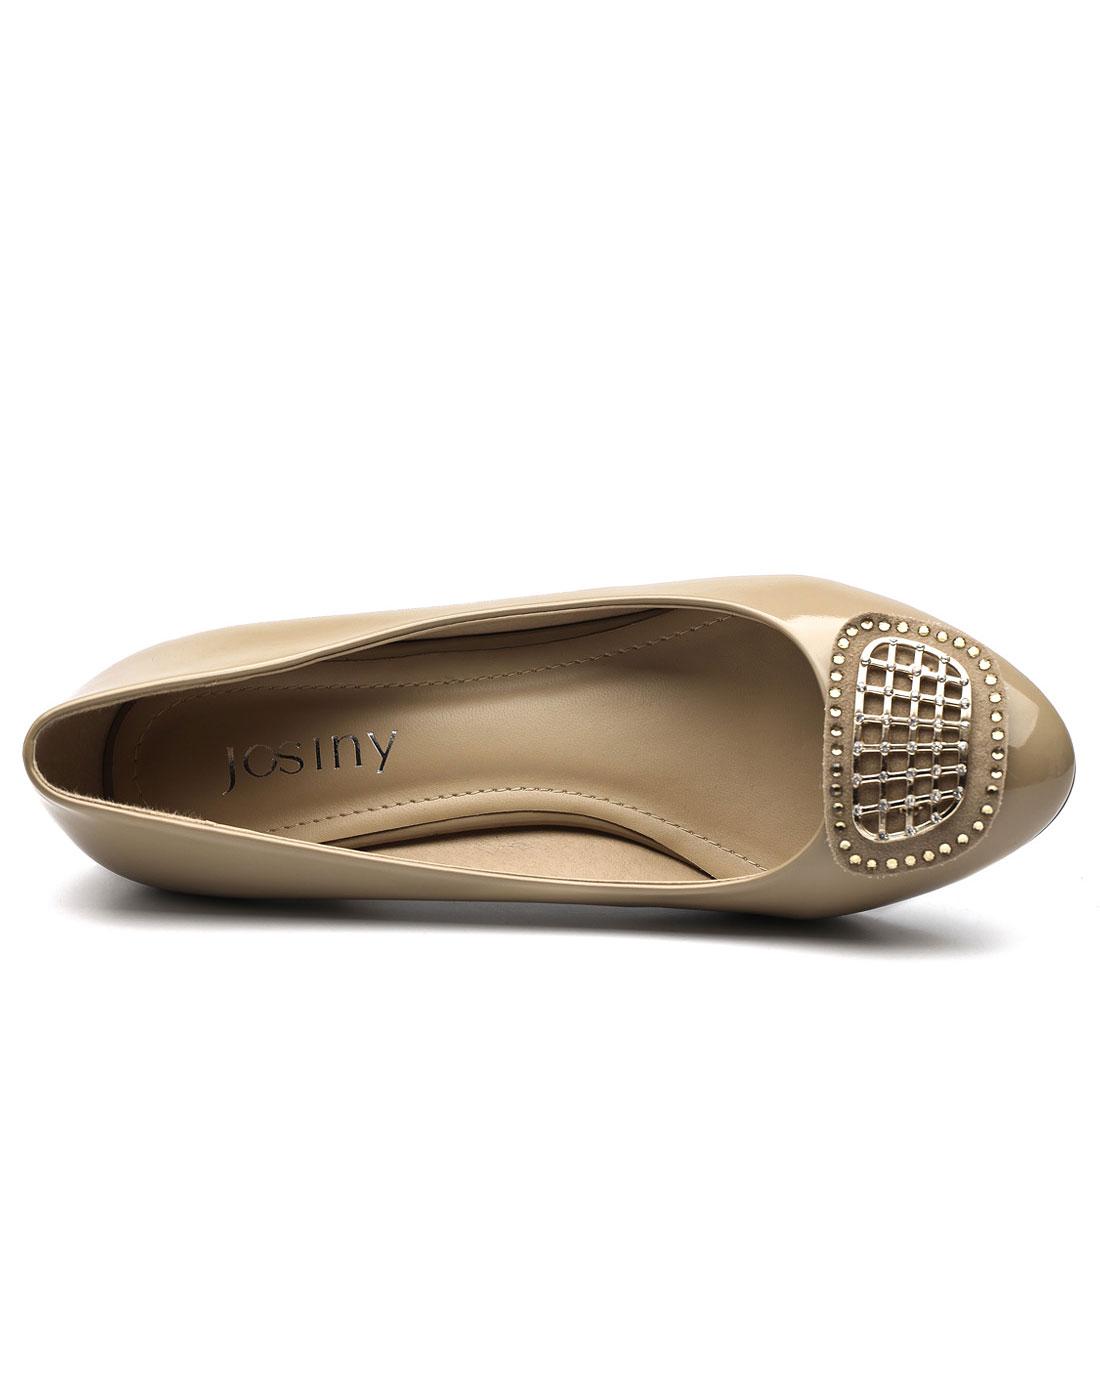 卓诗尼josiny女款浅口圆头中跟单鞋杏色工作鞋女鞋